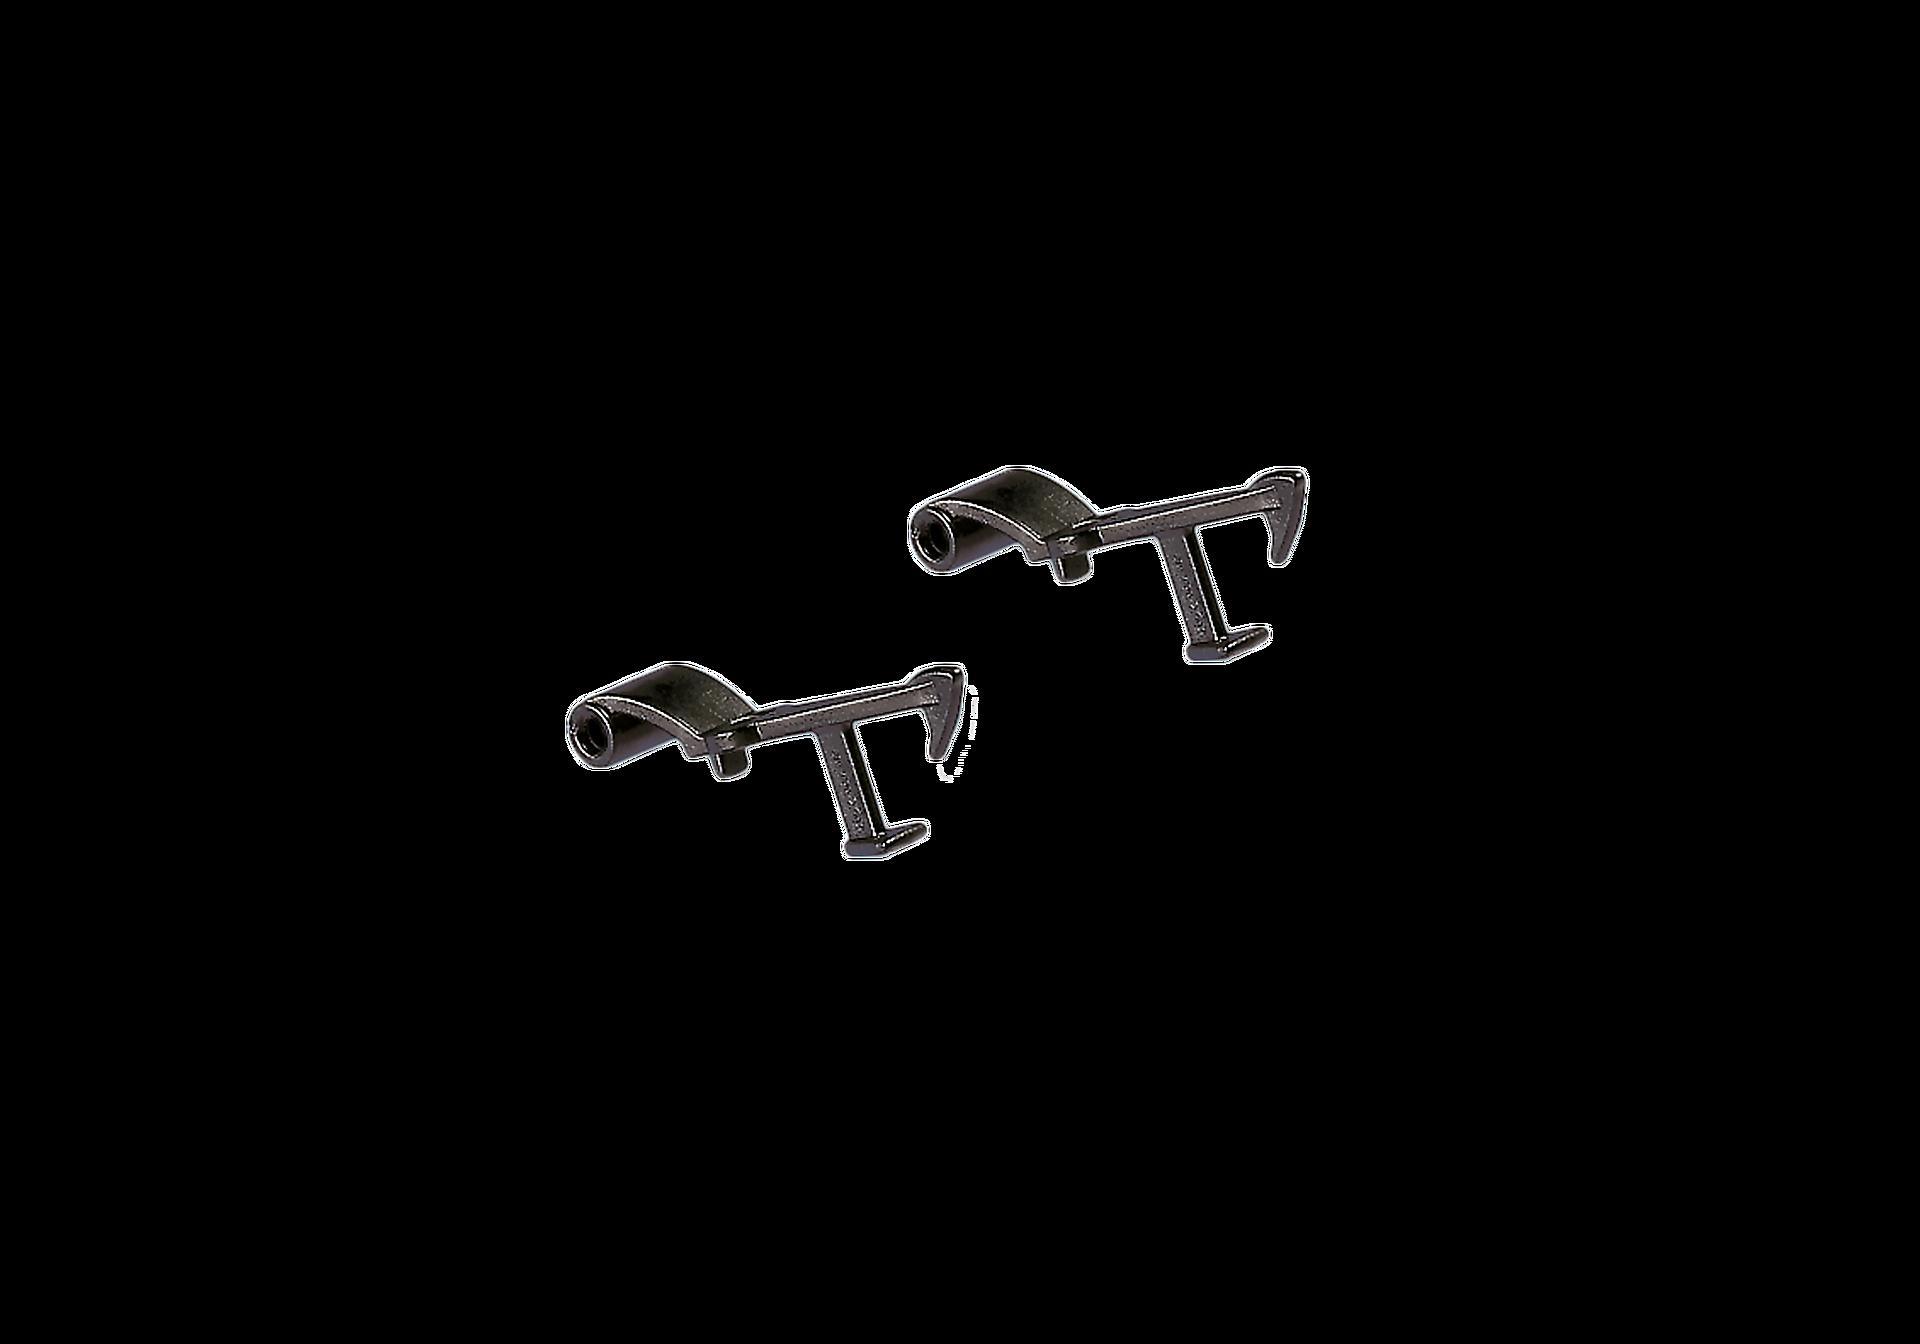 http://media.playmobil.com/i/playmobil/6310_product_detail/2 Coupling Hooks